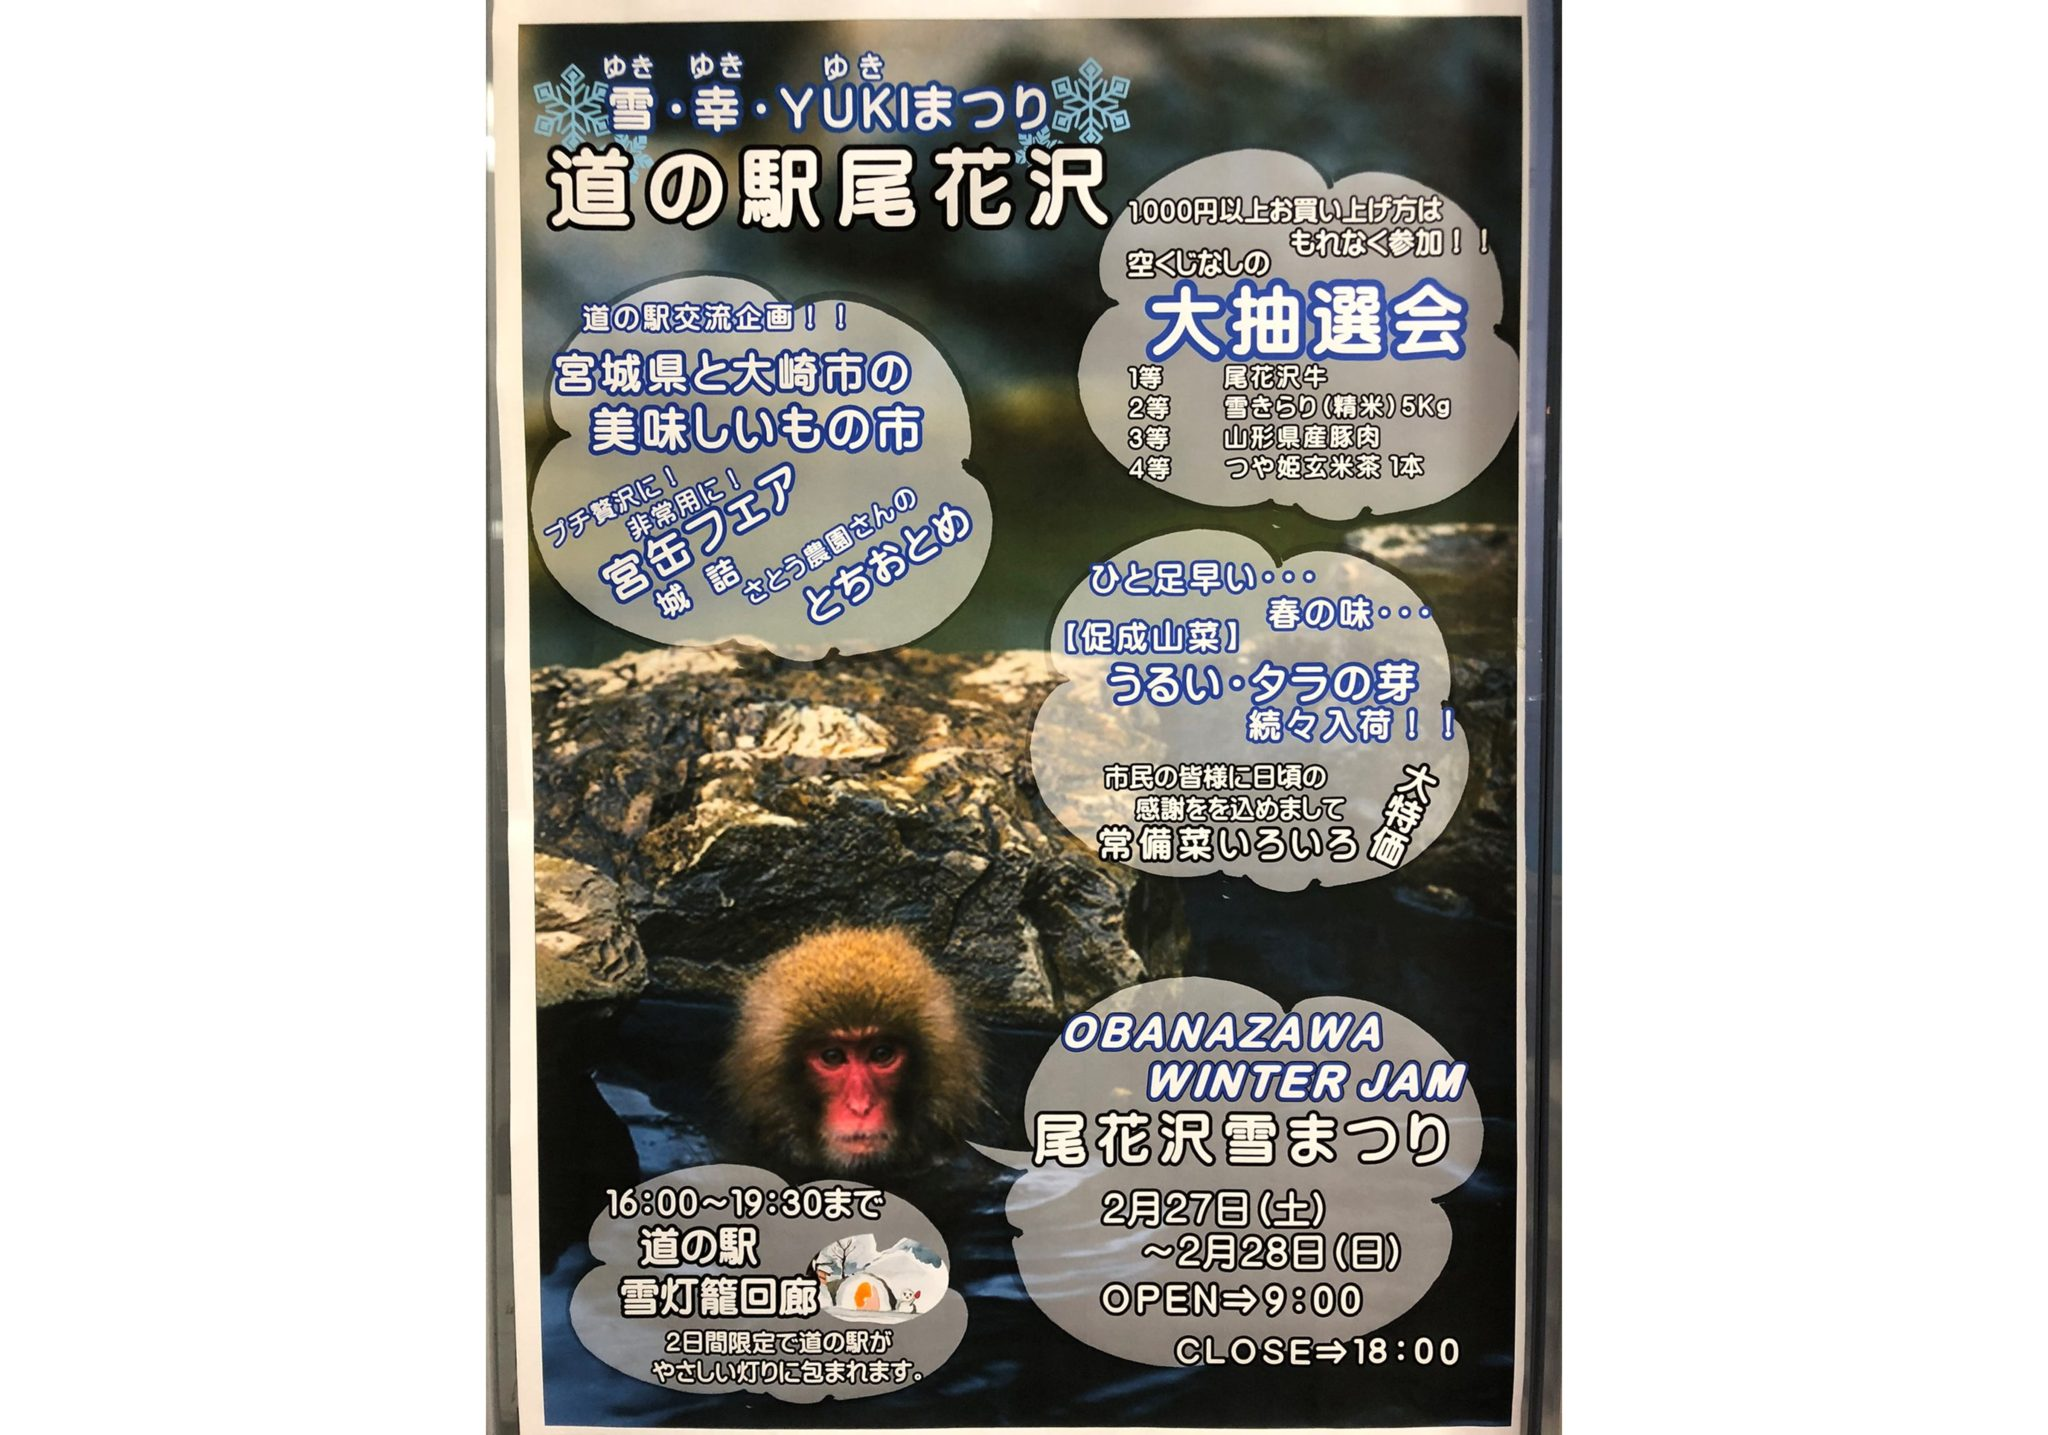 雪・幸・YUKIまつり 道の駅 尾花沢